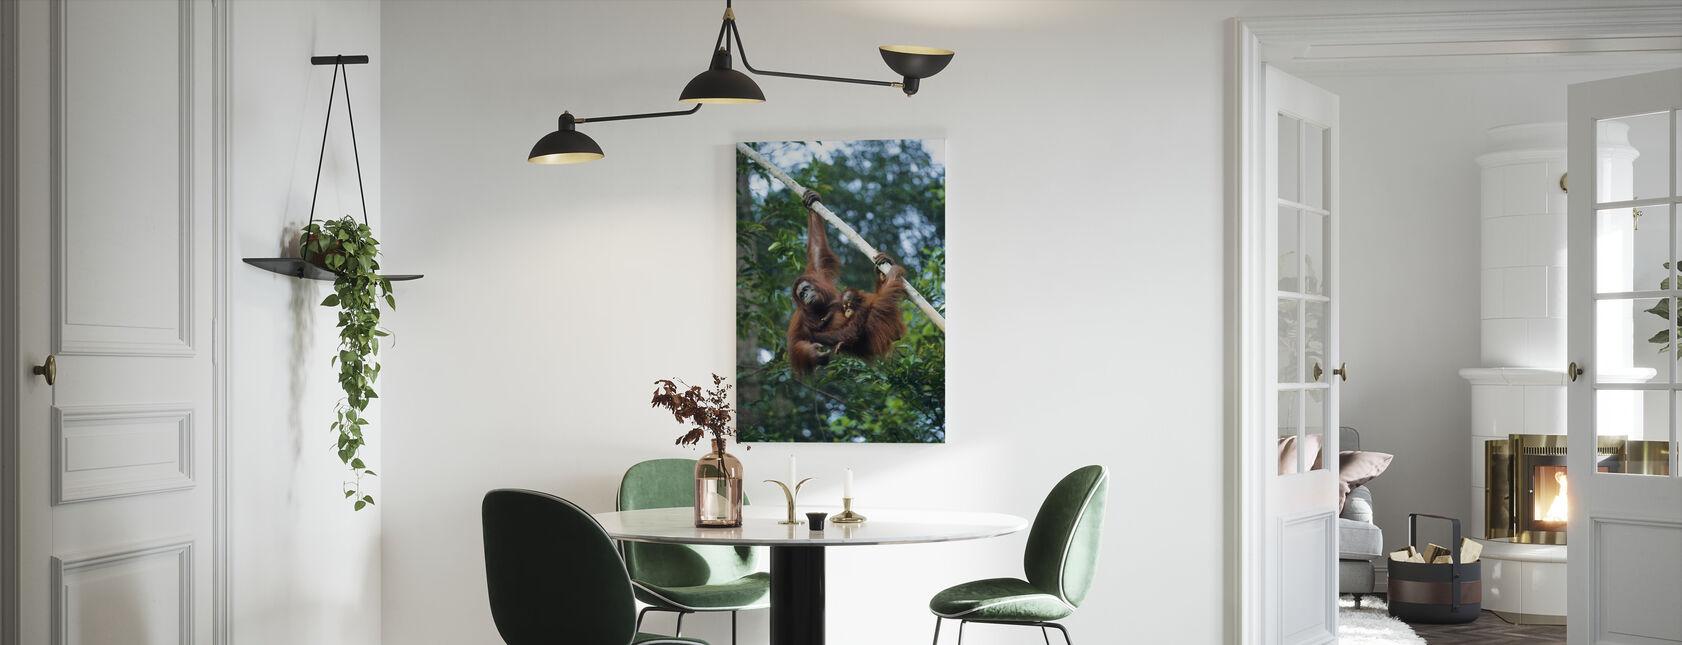 Kiipeily Orangutan - Canvastaulu - Keittiö